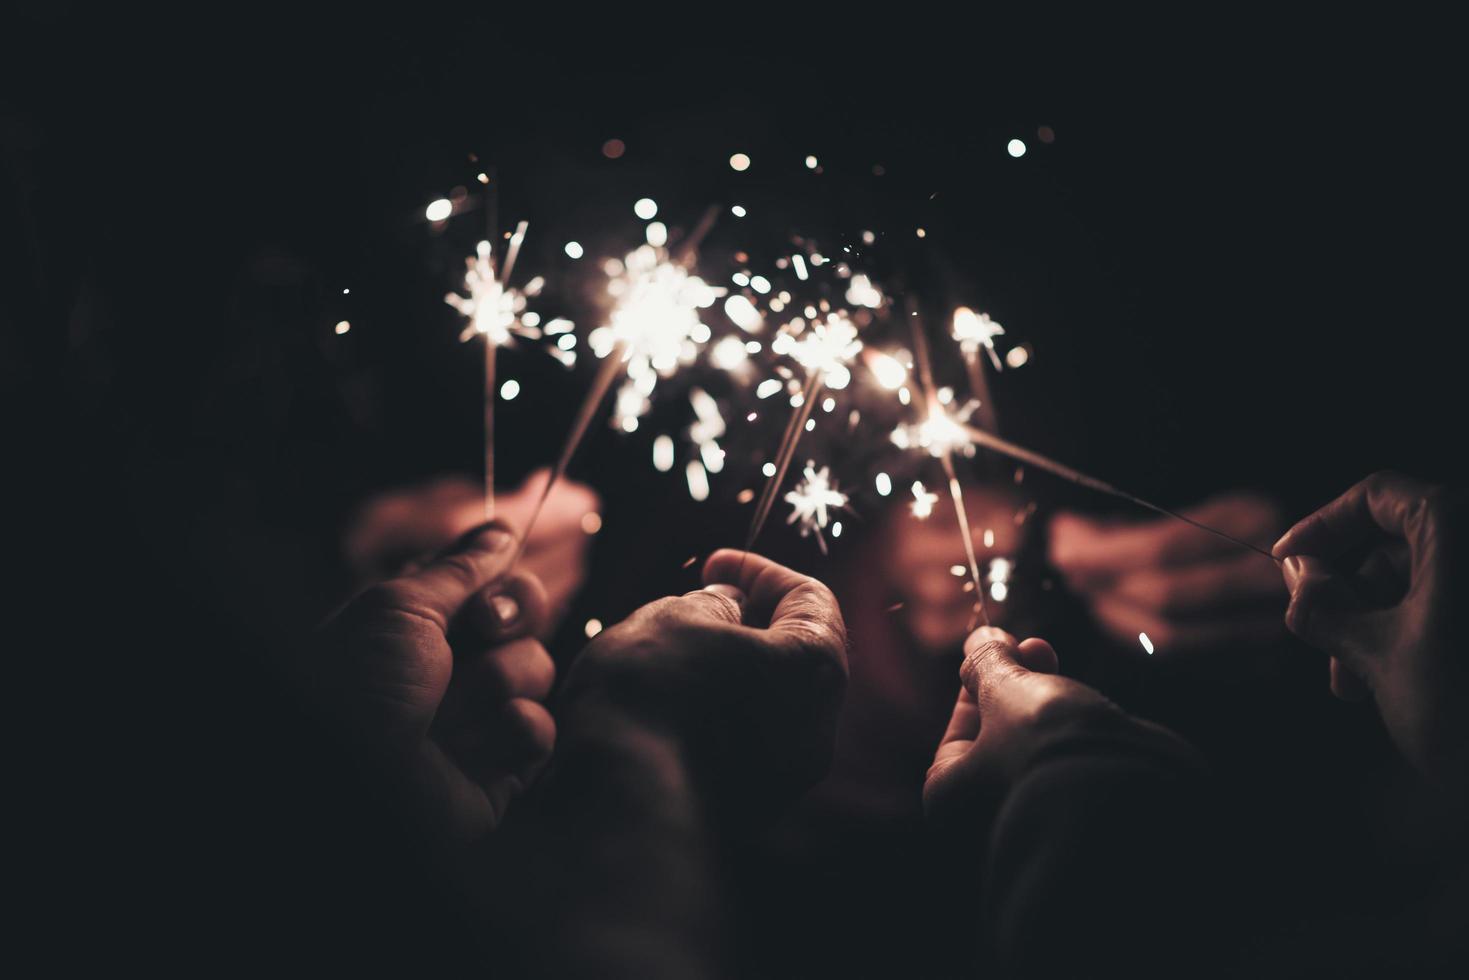 gruppo di persone che tengono le stelle filanti durante la notte foto